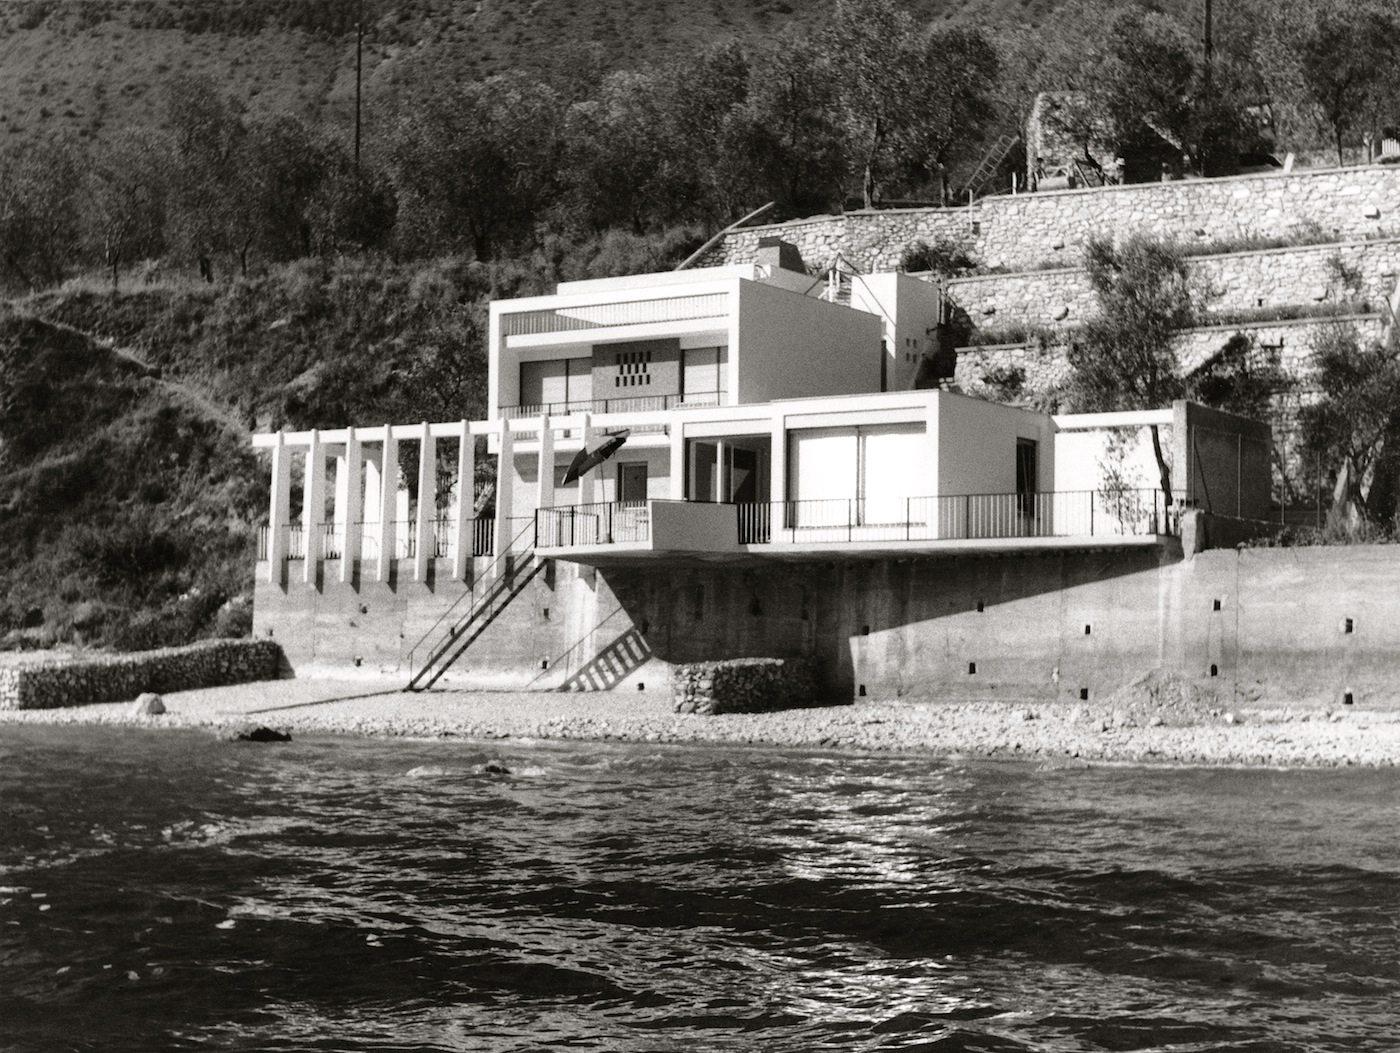 Haus Ziethen. Ferienhaus, Limone am Lago di Garda, Italien: fein profilierte Kuben mit asymmetrisch über den See kragender Terrasse.